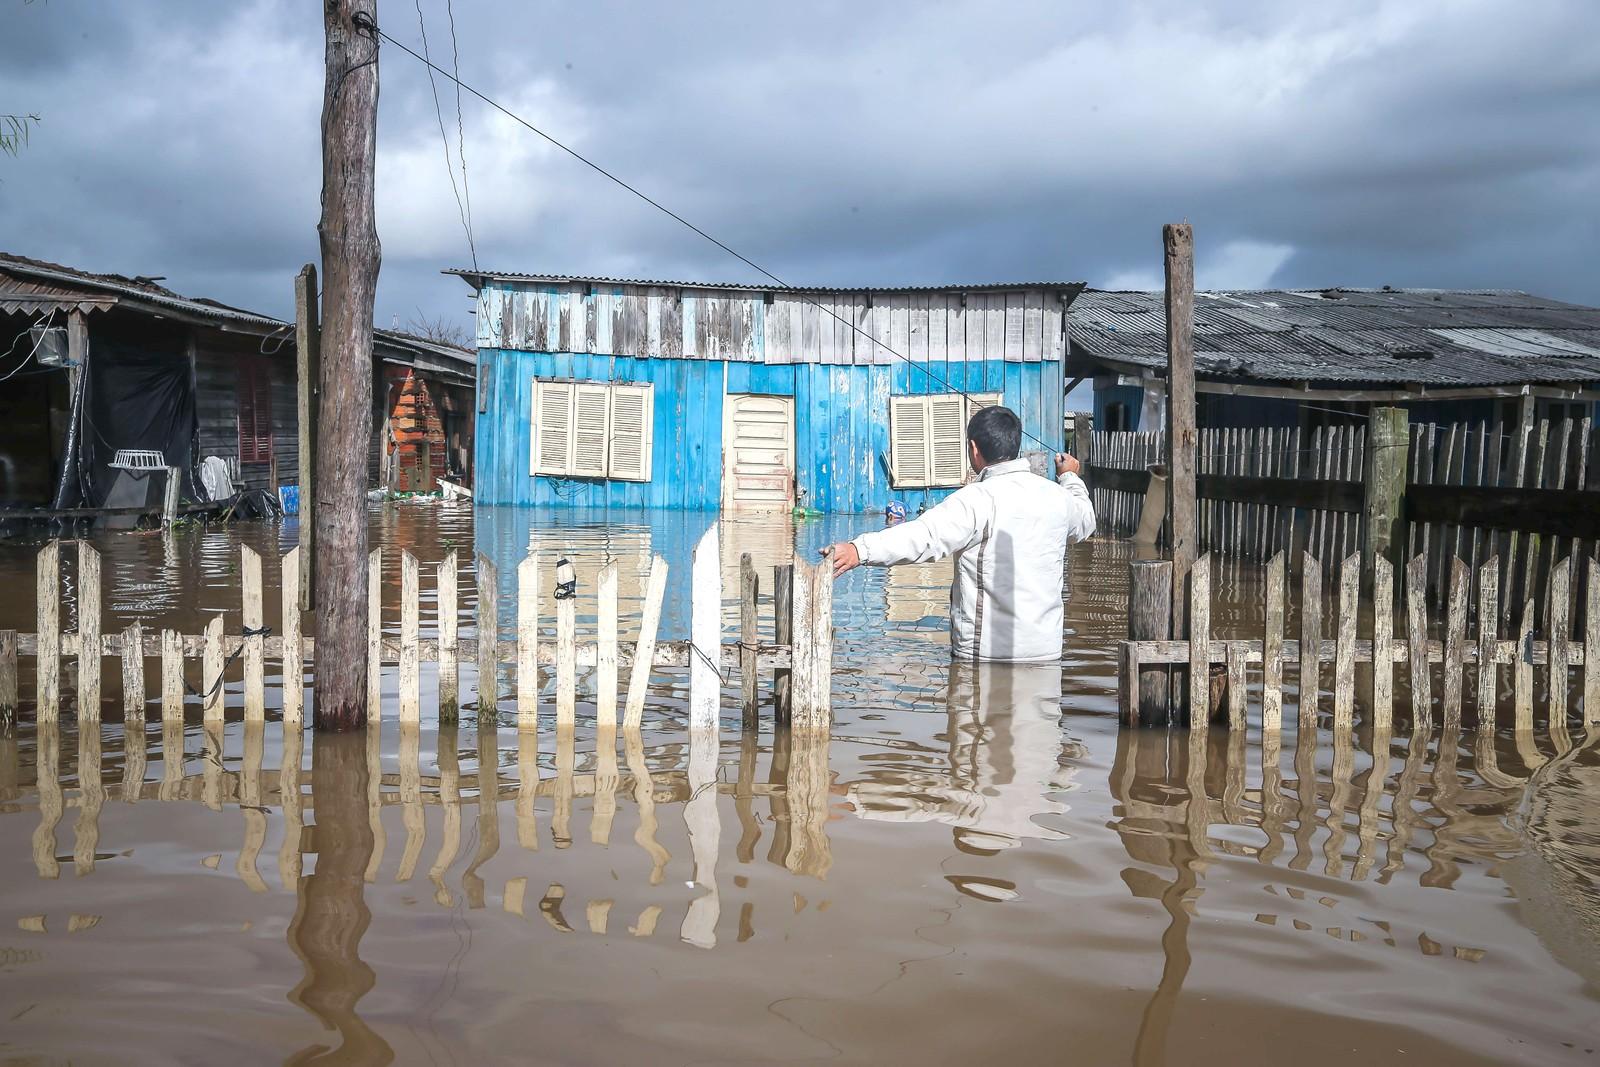 En mann er på vei inn til huset sitt i Villa Rica i Gravatai i Brasil. Store regnmengder i området de siste to ukene har ført til flom flere steder. Nærmere 50.000 mennesker er rammet.